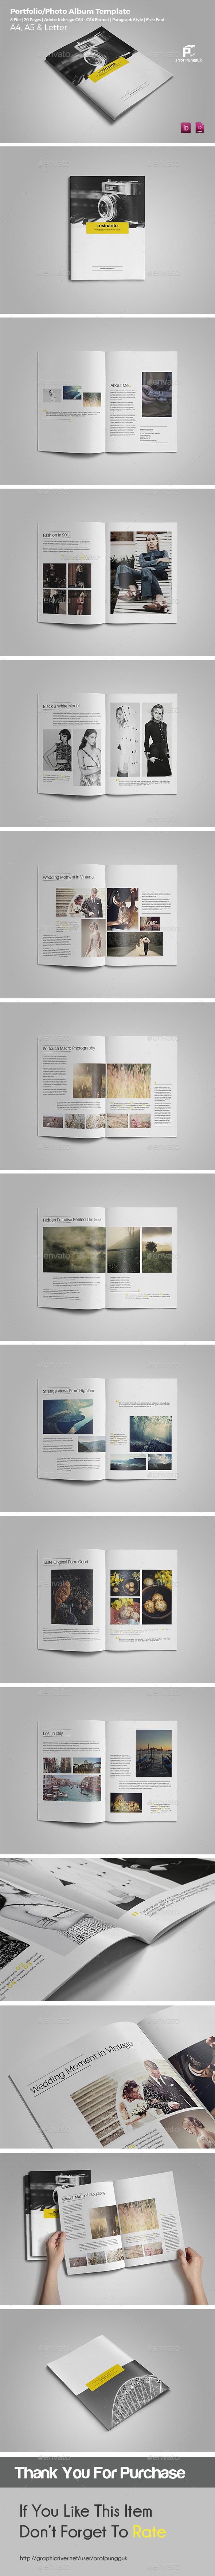 Simple Photo Album Template Vol.2 - Portfolio Brochures